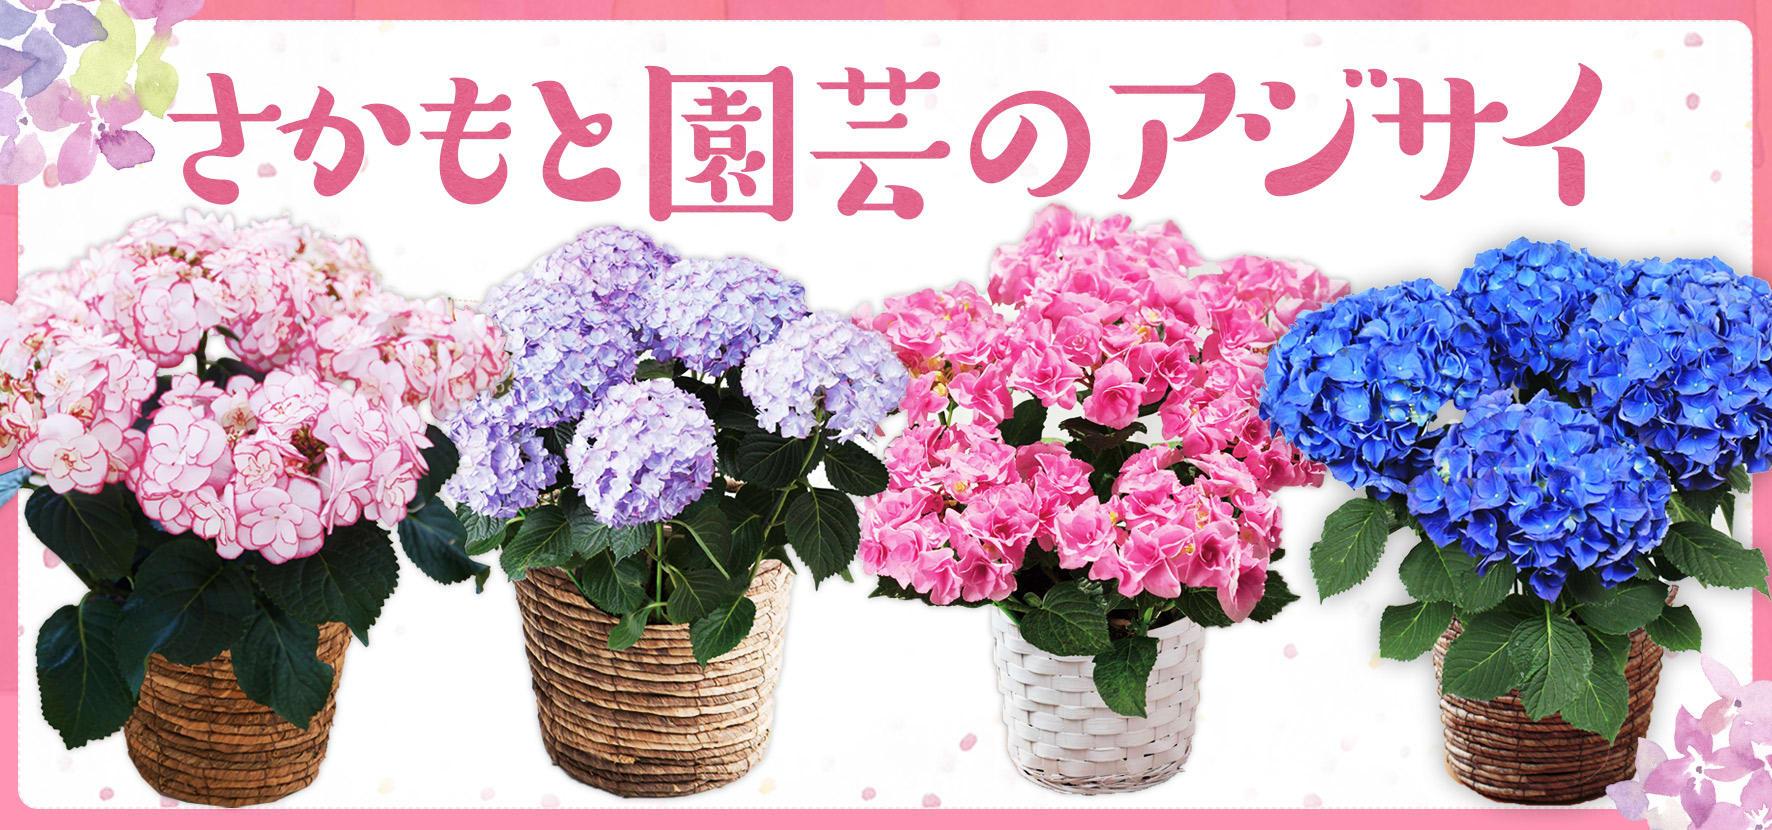 母の日ギフトに!さかもと園芸のアジサイ KEIKO